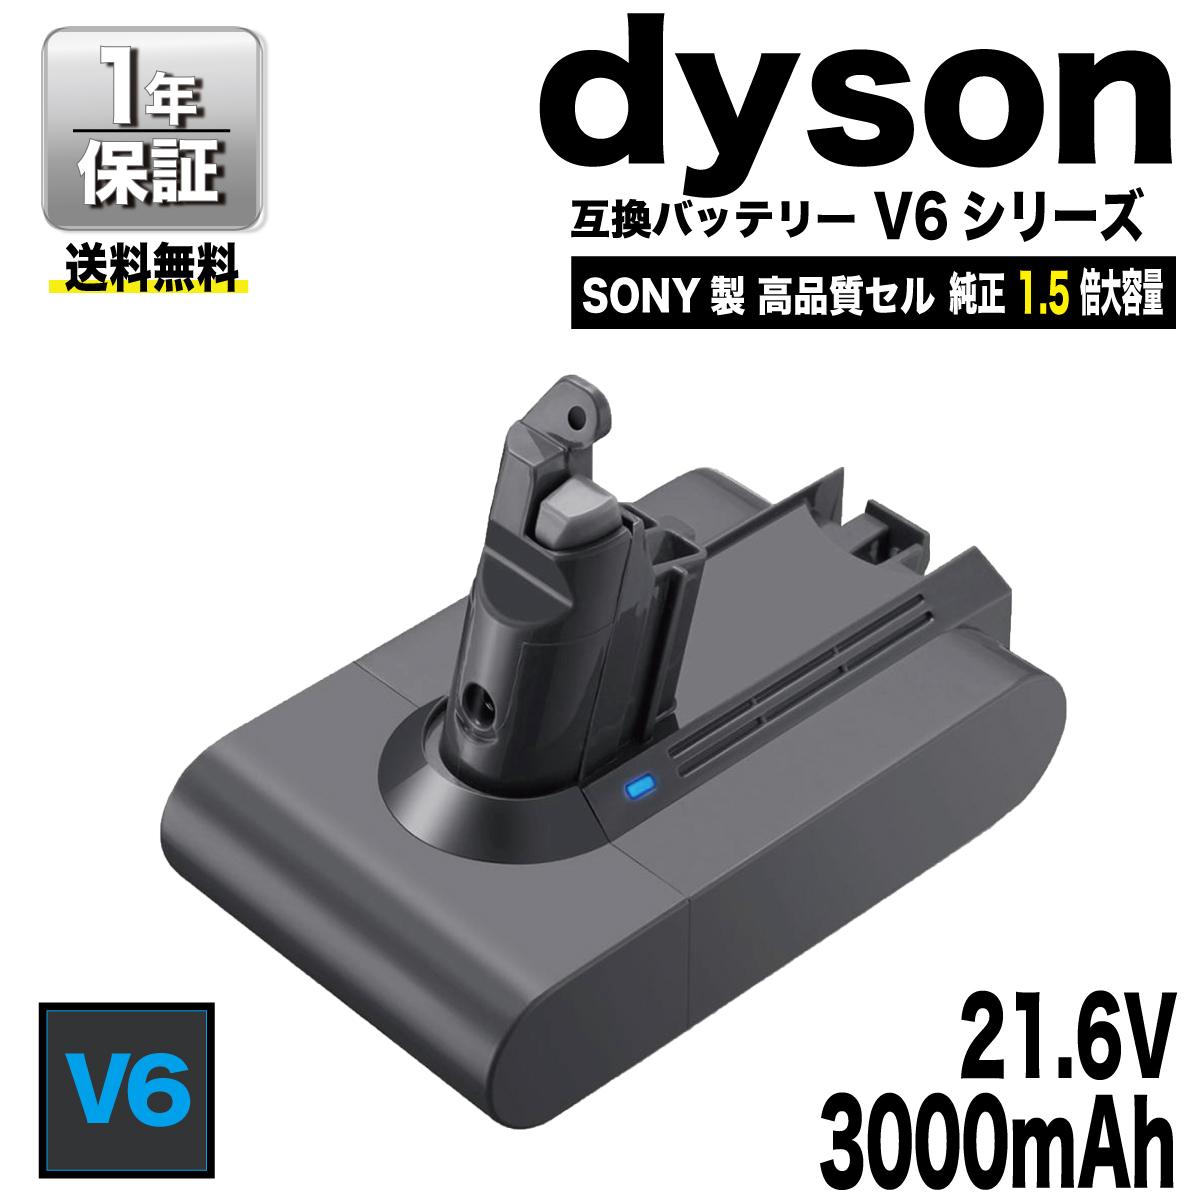 ダイソン 大幅にプライスダウン 互換 好評 バッテリー V6 3000mAh SV07 SV09 DC58 DC59 DC61 DC62 DC72 ダイソン掃除機v6バッテリー 掃除機 高品質 交換バッテリー ダイソン掃除機バッテリー 充電バッテリー 互換バッテリー DC74 dyson 1年保証 充電池